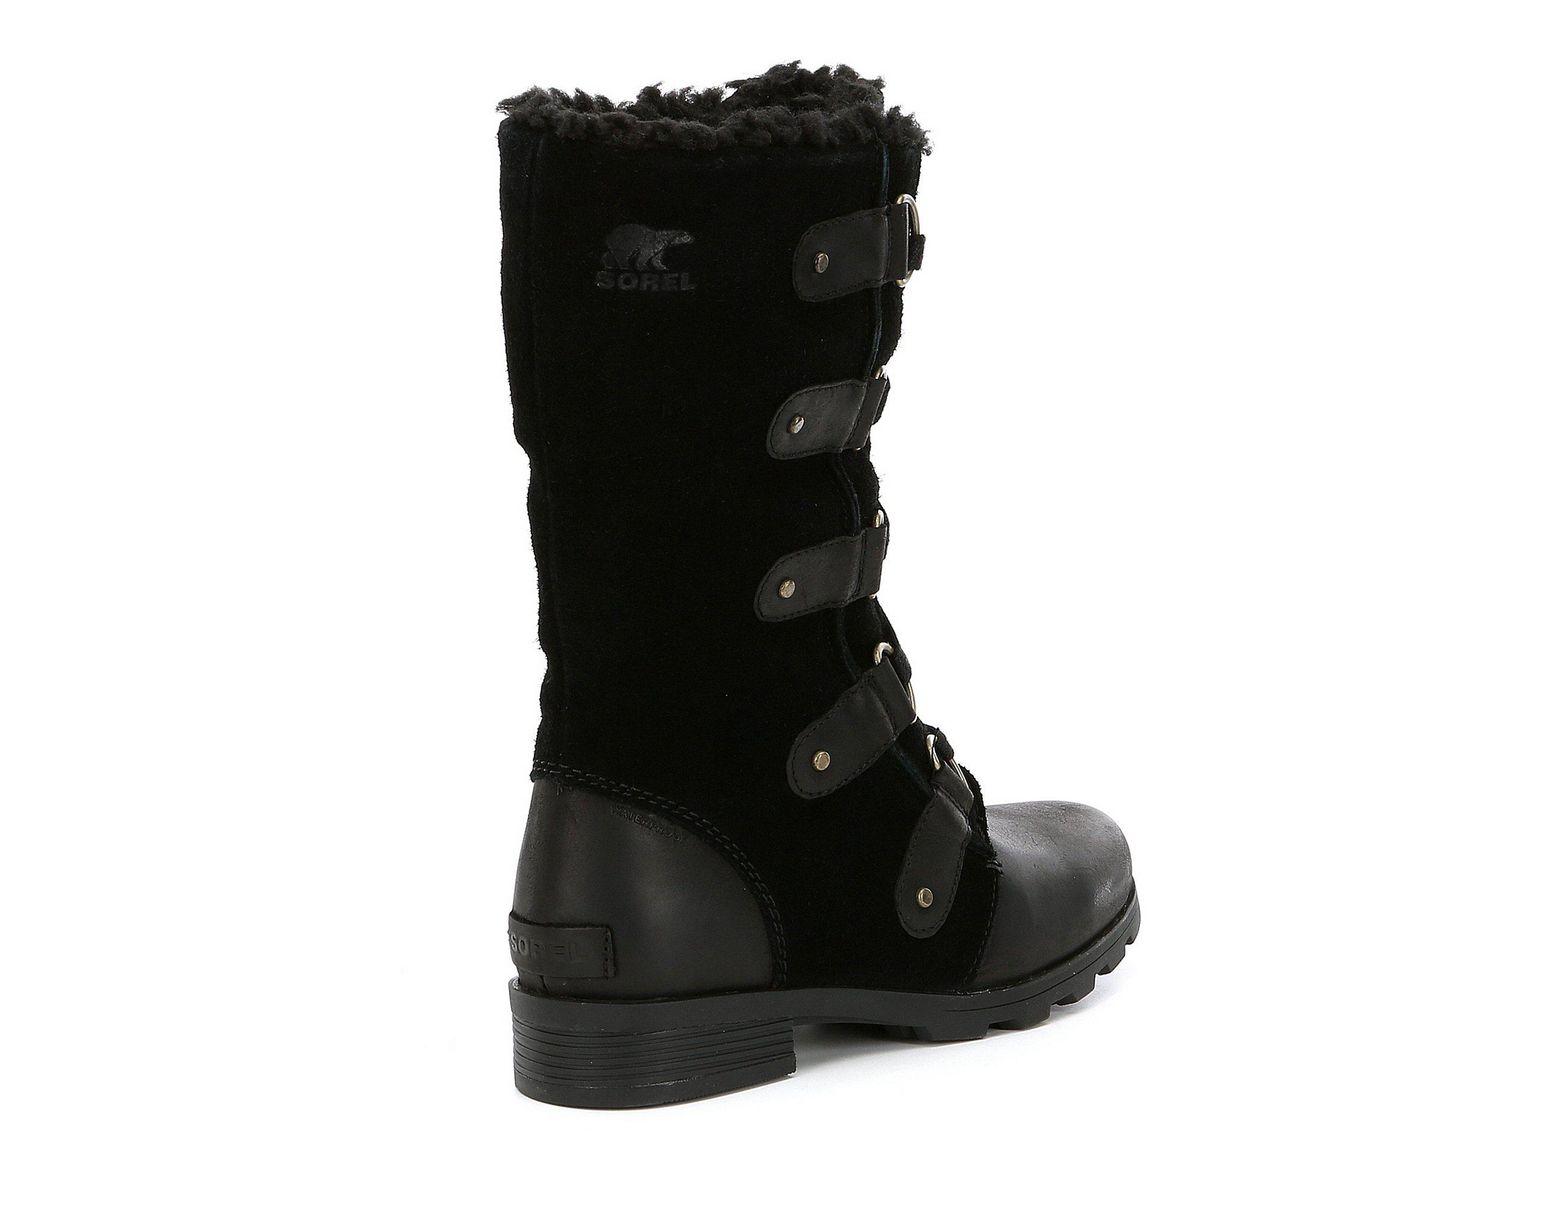 cb288b3b5e6 Black Women's Emelie Lace Mid Winter Waterproof Faux Fur Block Heel Boots